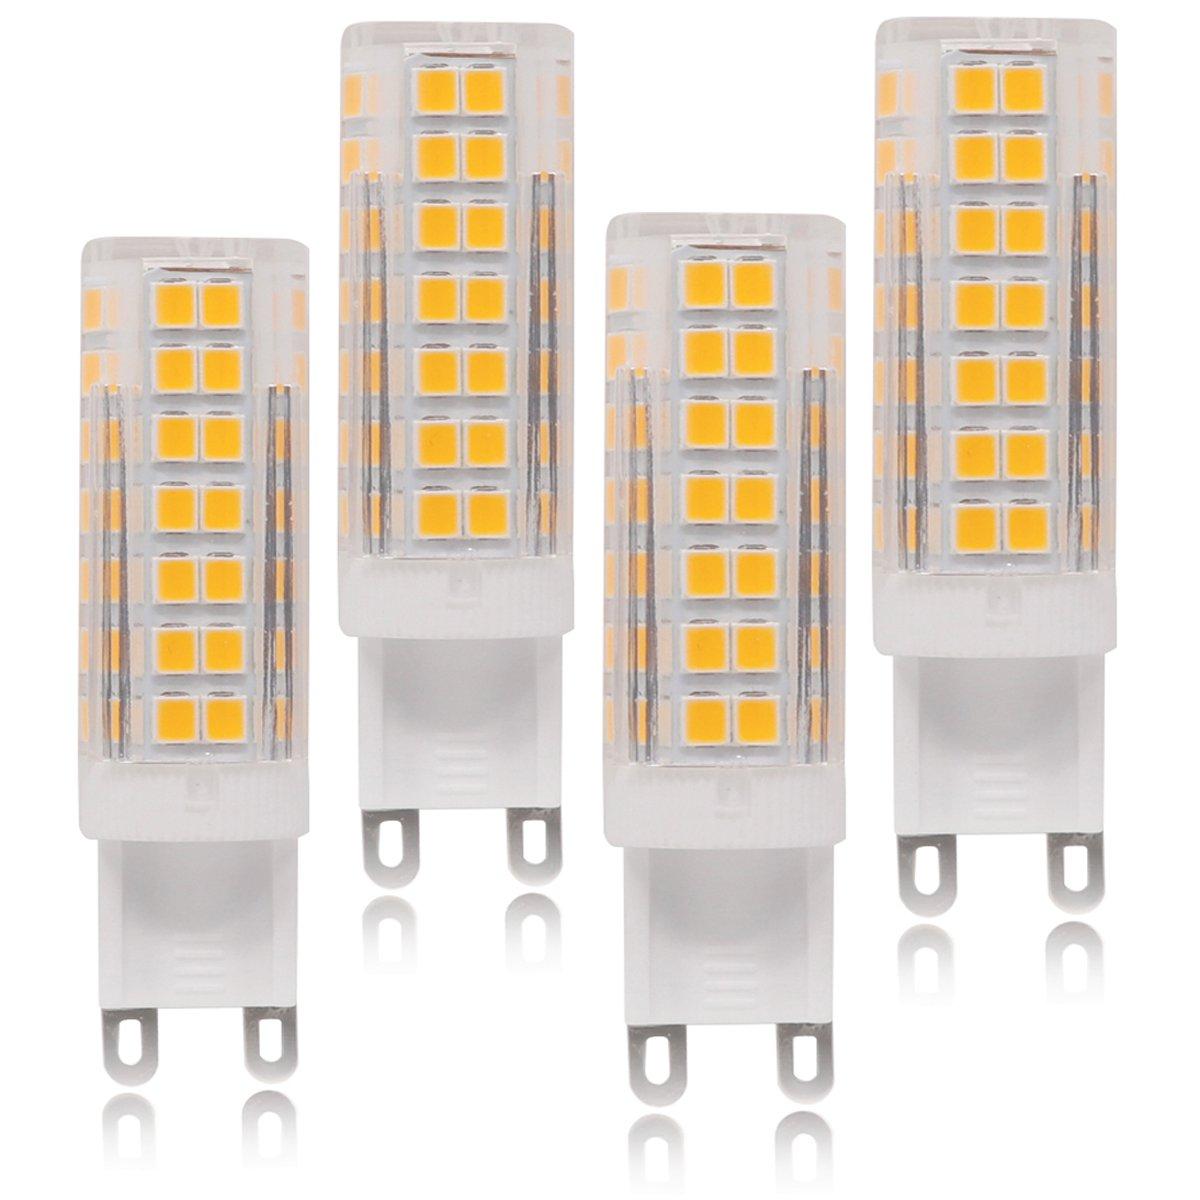 LED G9 Light Bulbs, 6.5W(60W Halogen Bulbs Equivalent) 600LM, Warm White(3000K), G9 Bi-pin Base Bulbs for Indoor Lighting(4-Pack)